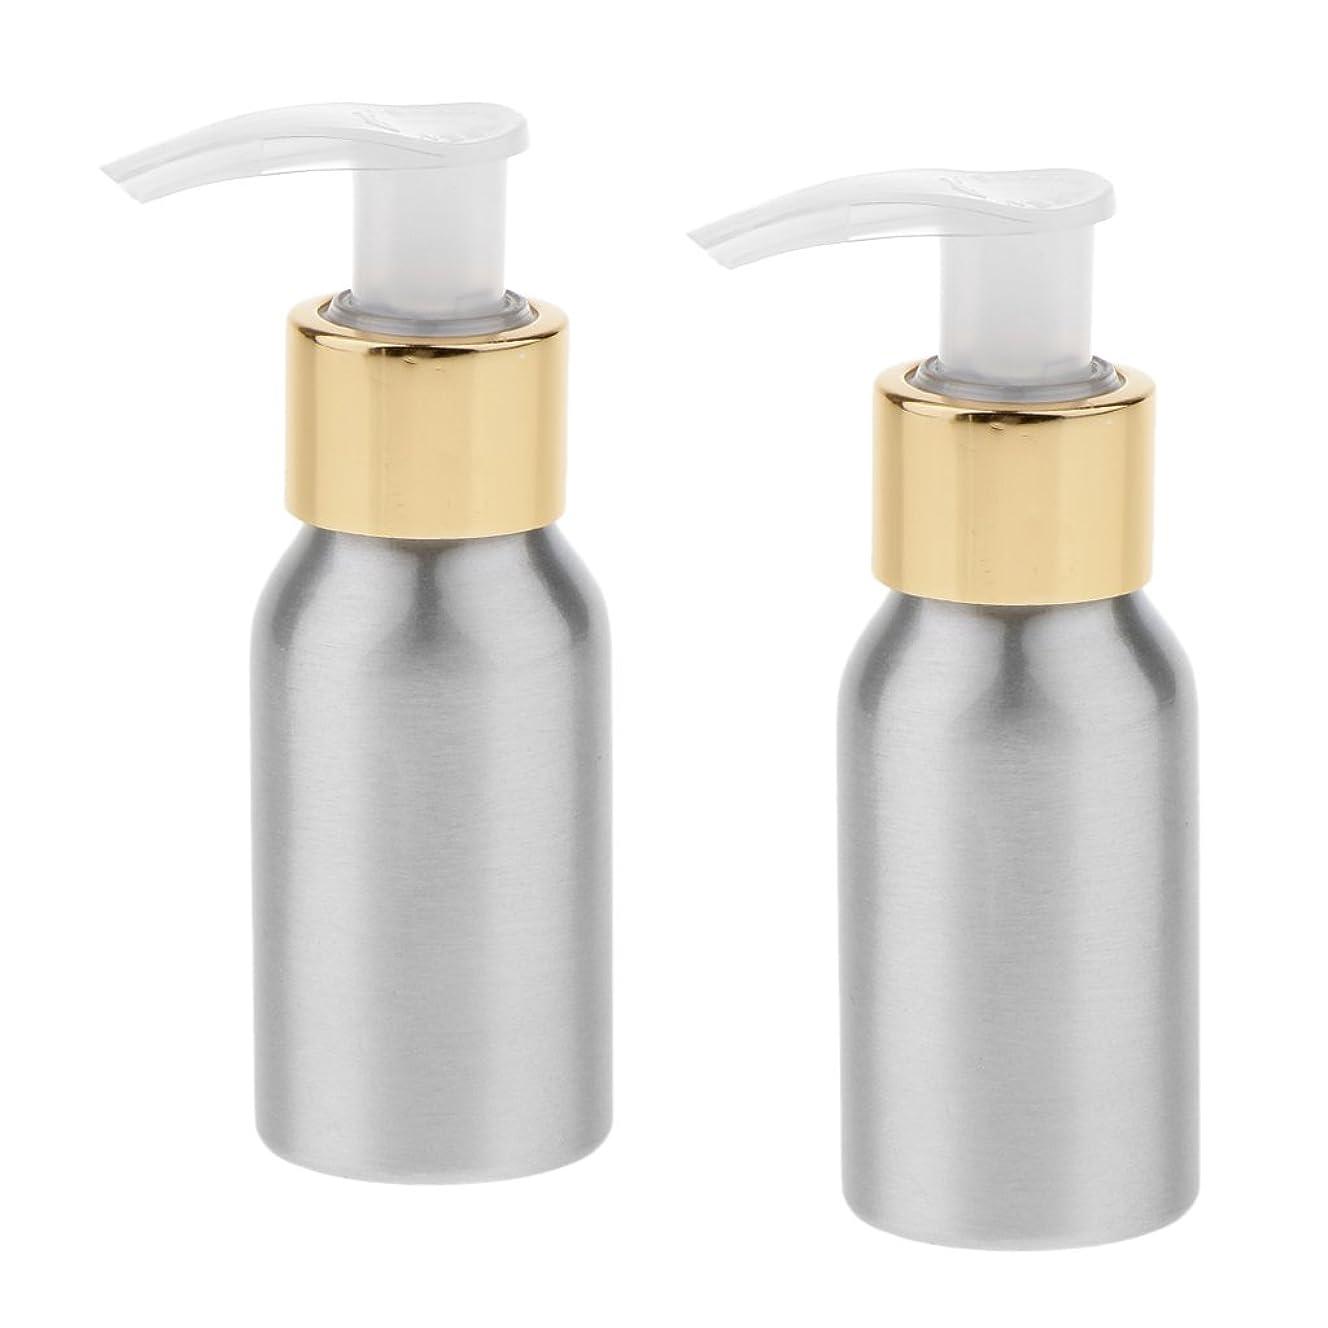 悩む外科医消去Kesoto 2本 スプレーボトル 空ボトル アルミボトル スプレー ポンプボトル 香水ボトル シャンプー 噴霧器 アトマイザー 6サイズ選択 - 50ml